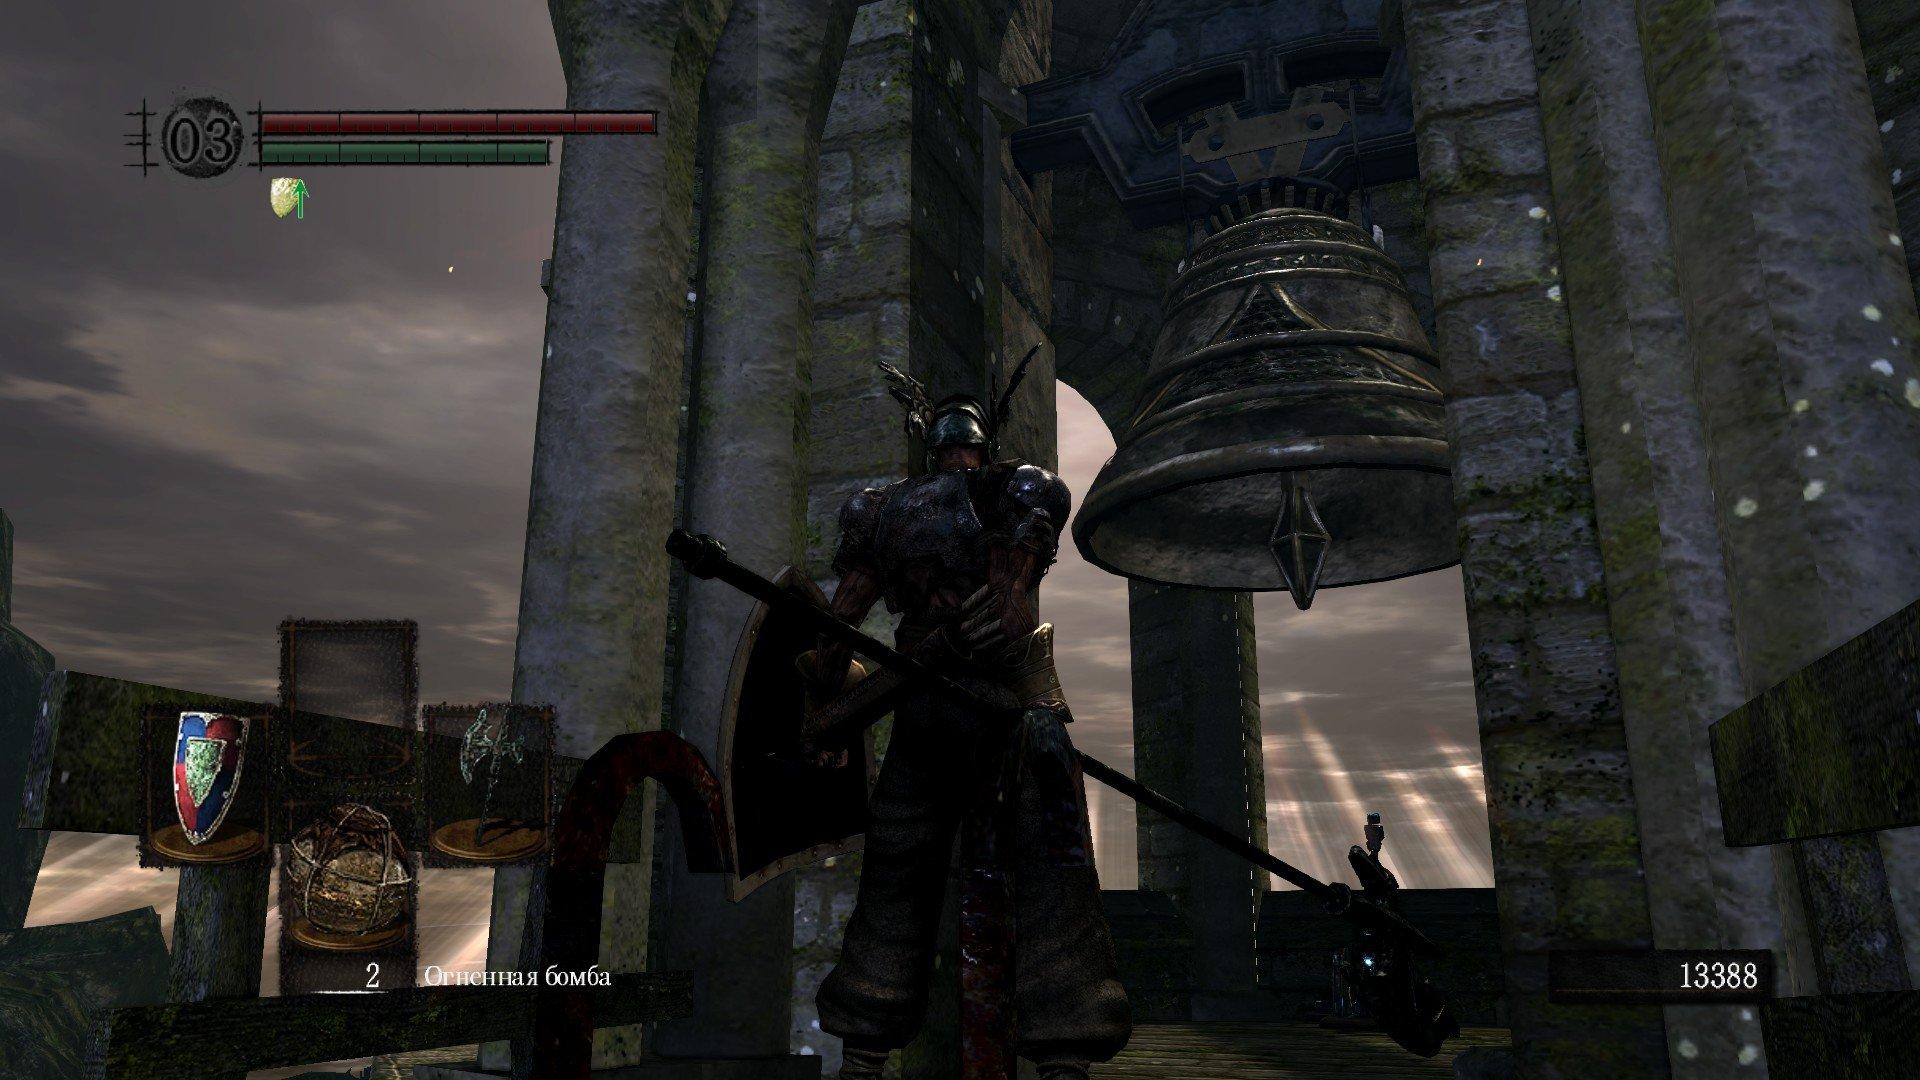 Вопль-прохождение Dark Souls часть 2 ... все в одном посте ... все еще думаю над названием!. - Изображение 4